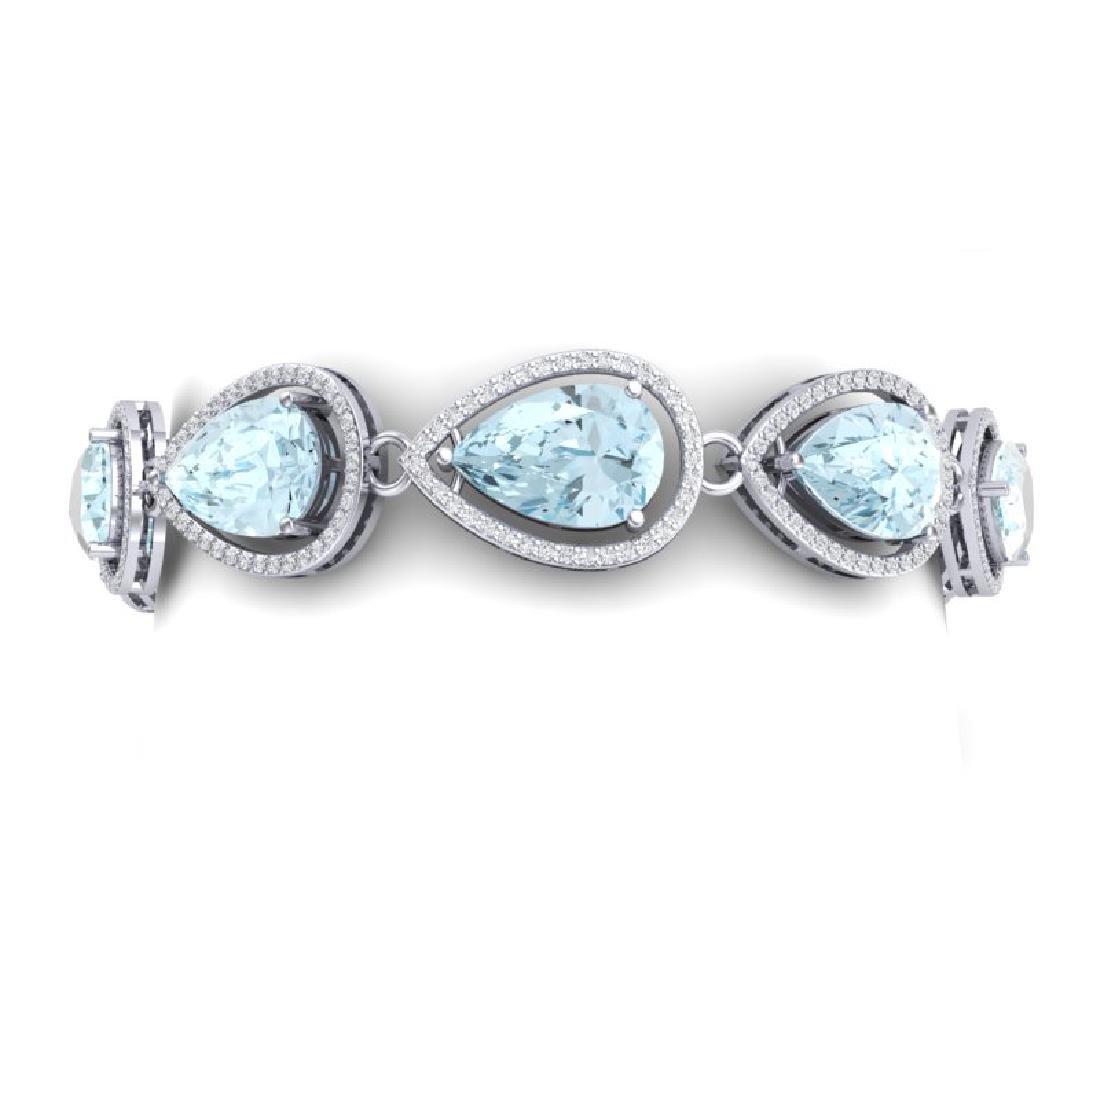 25.53 CTW Royalty Sky Topaz & VS Diamond Bracelet 18K